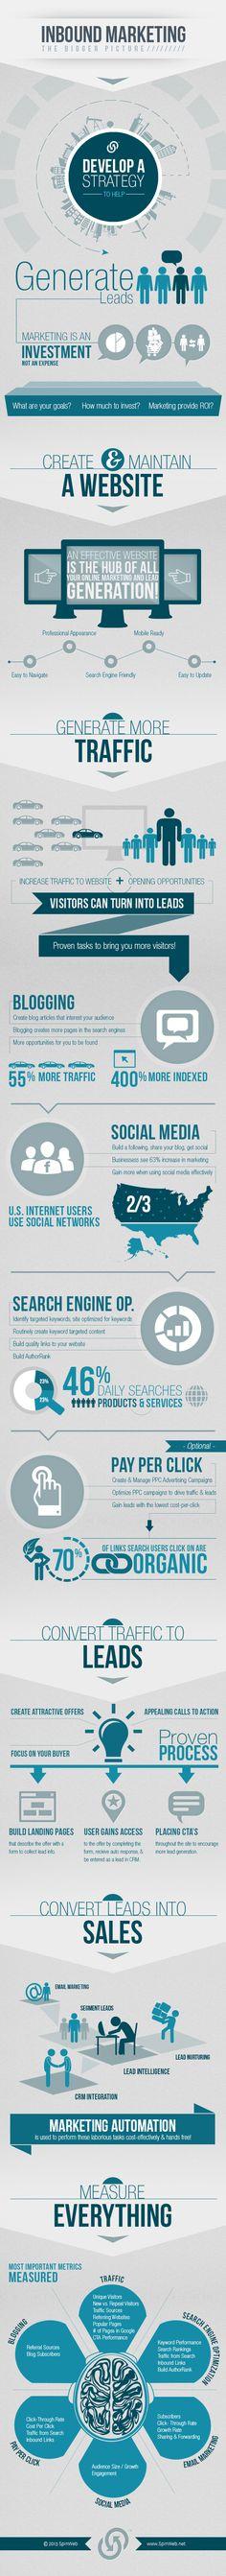 Inbound Marketing Infographic - What is Inbound Marketing?